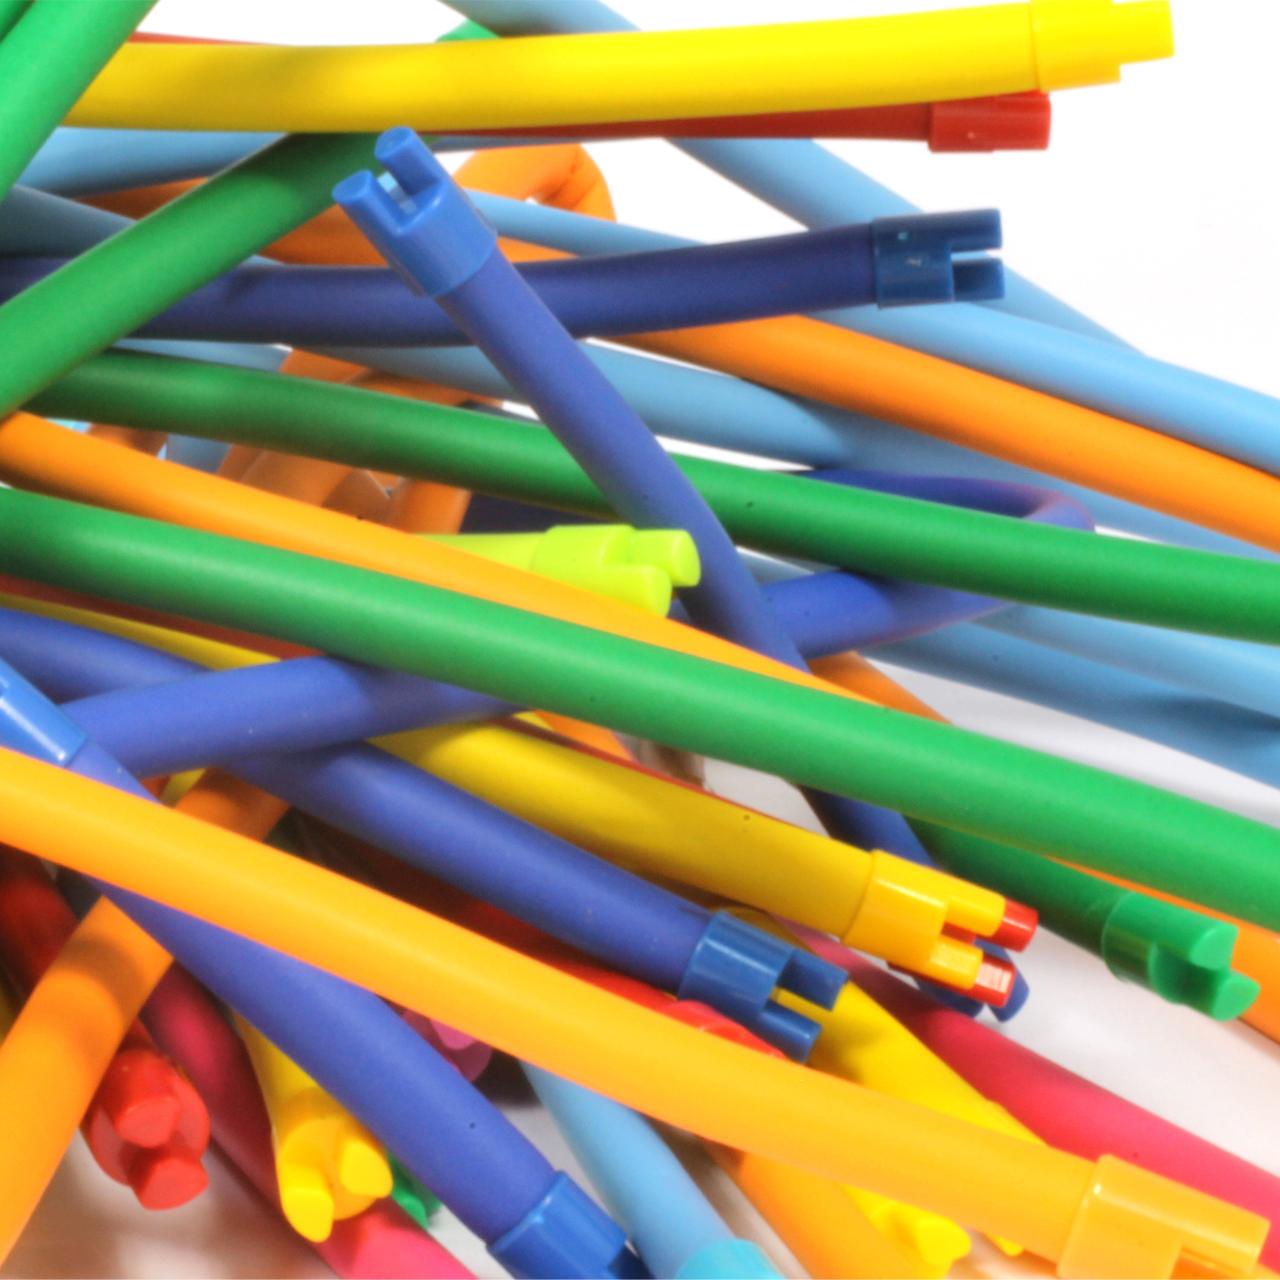 Flexible Building Tubes Construction Set 270 Pieces